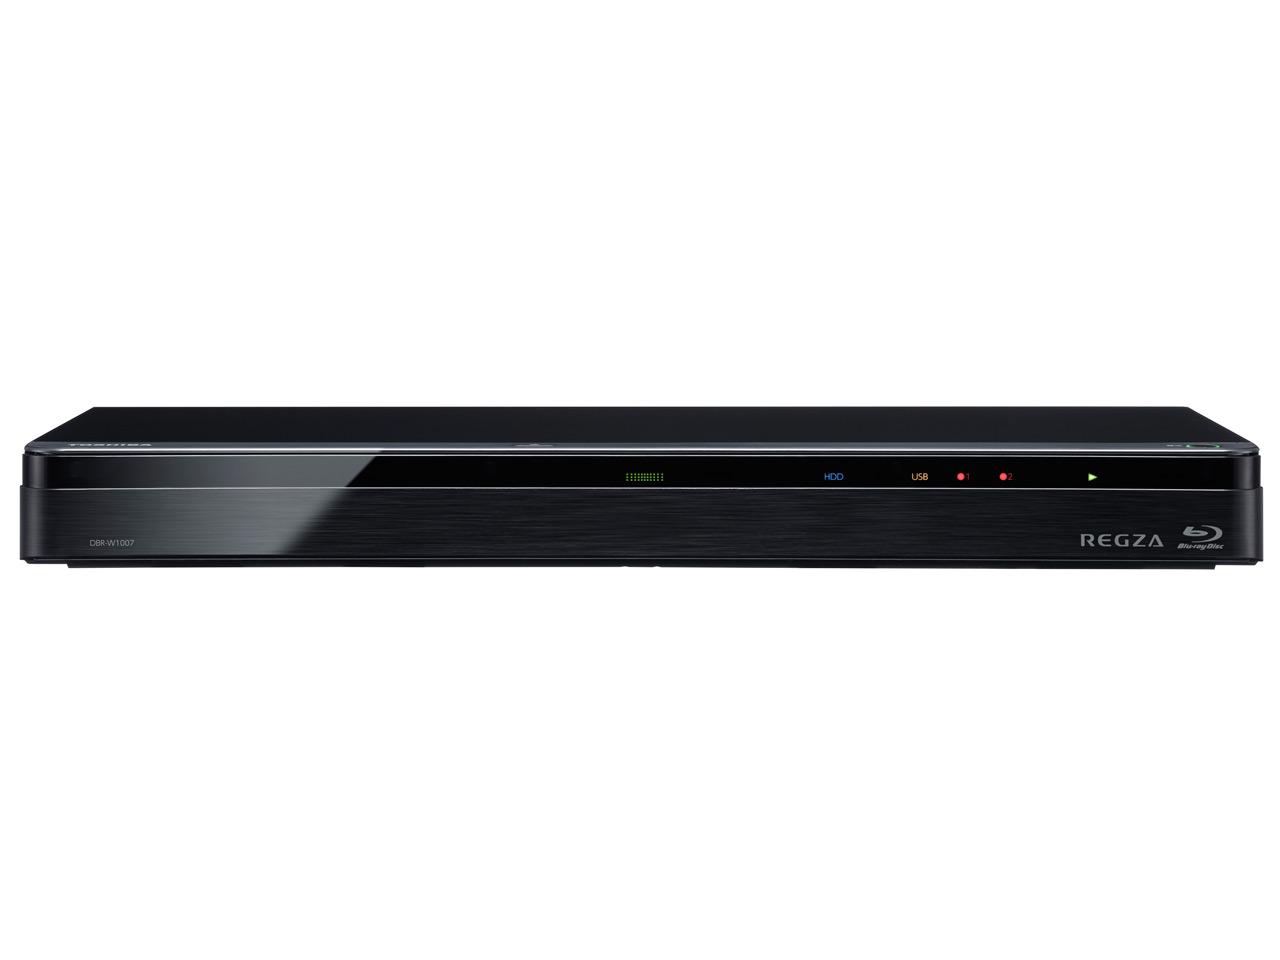 新品送料無料 東芝 1TB HDD 2チューナー搭載3D対応ブルーレイレコーダーTOSHIBA REGZA レグザブルーレイ DBR W1007Pk08nwO